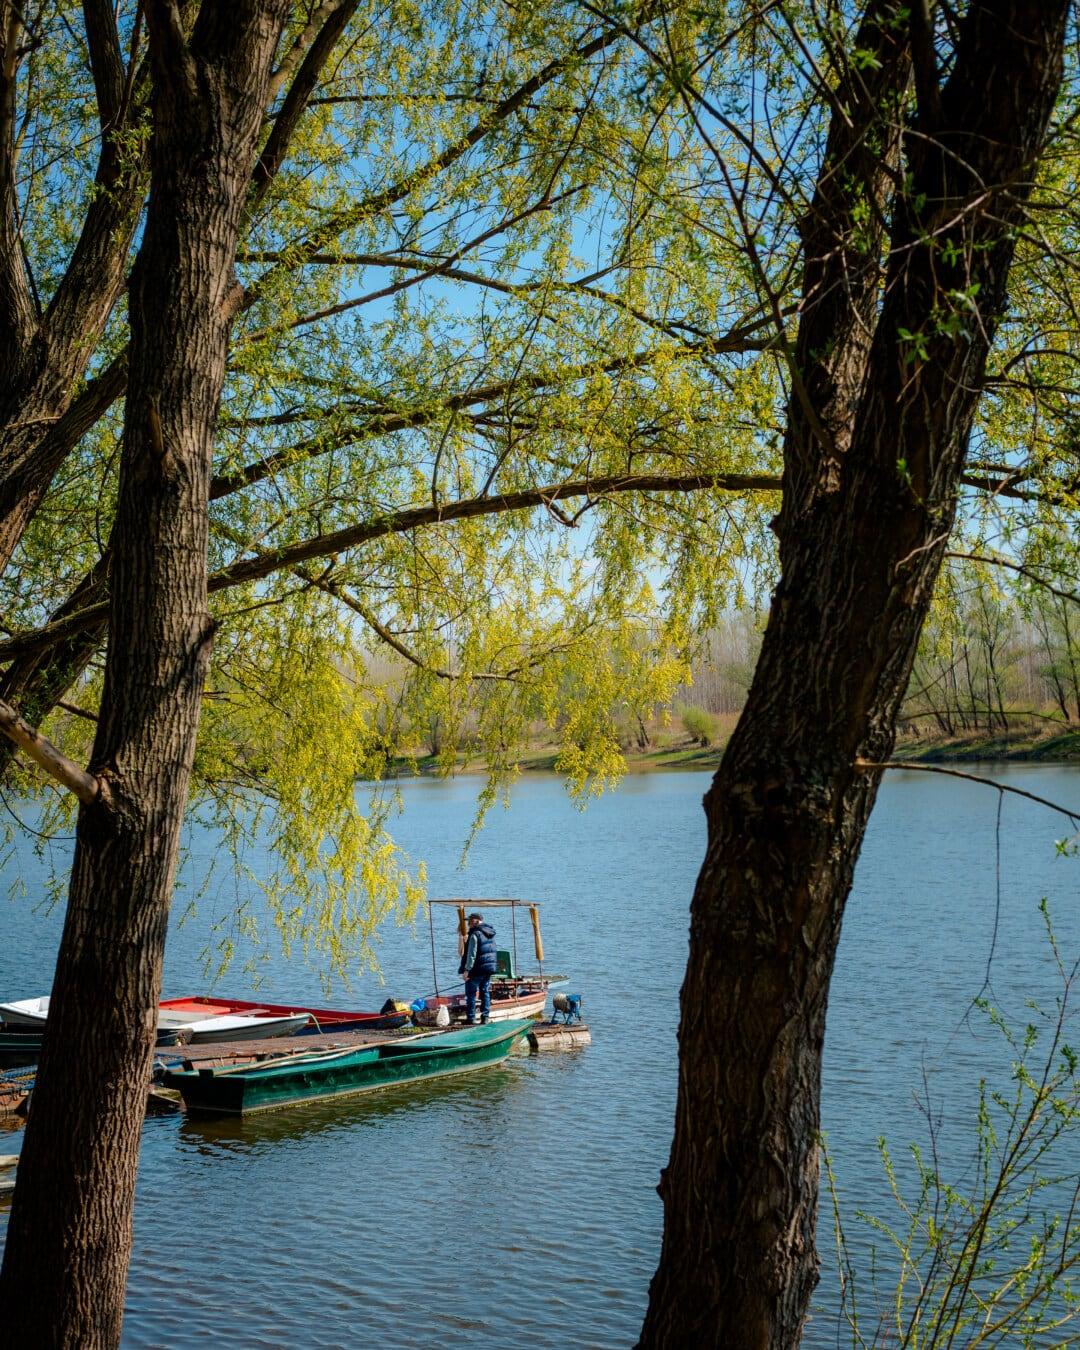 Flussschiff, Fluss, Flussufer, Zweig, Boote, Kanal, Fischer, Person, Wasser, Struktur